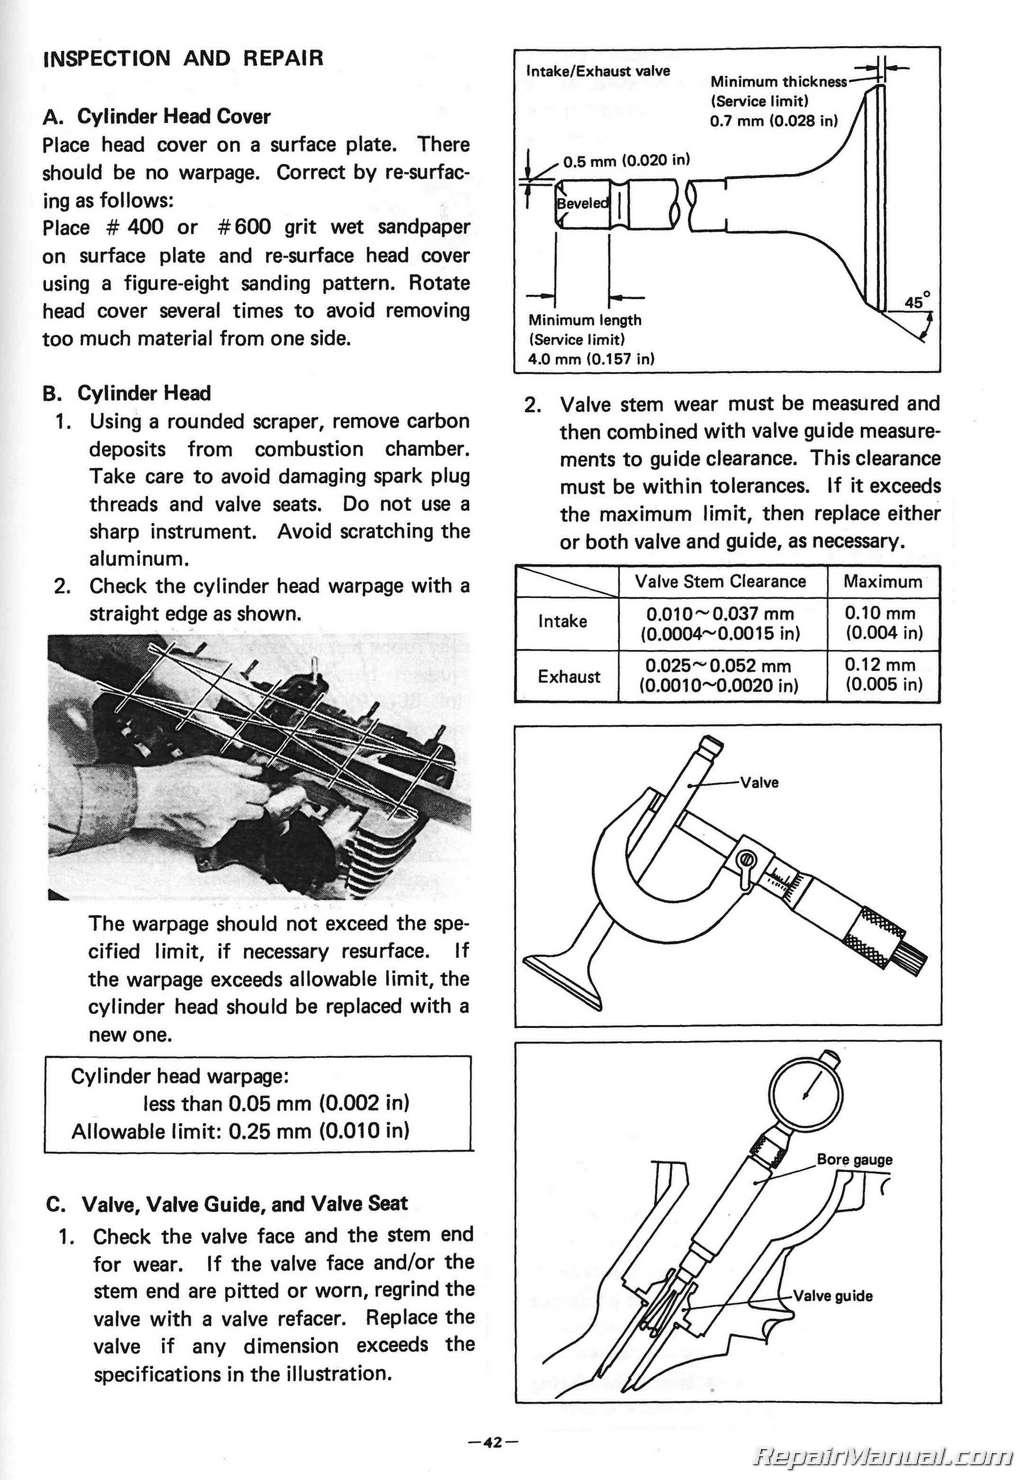 hight resolution of 82 yamaha maxim xj650 wiring diagram